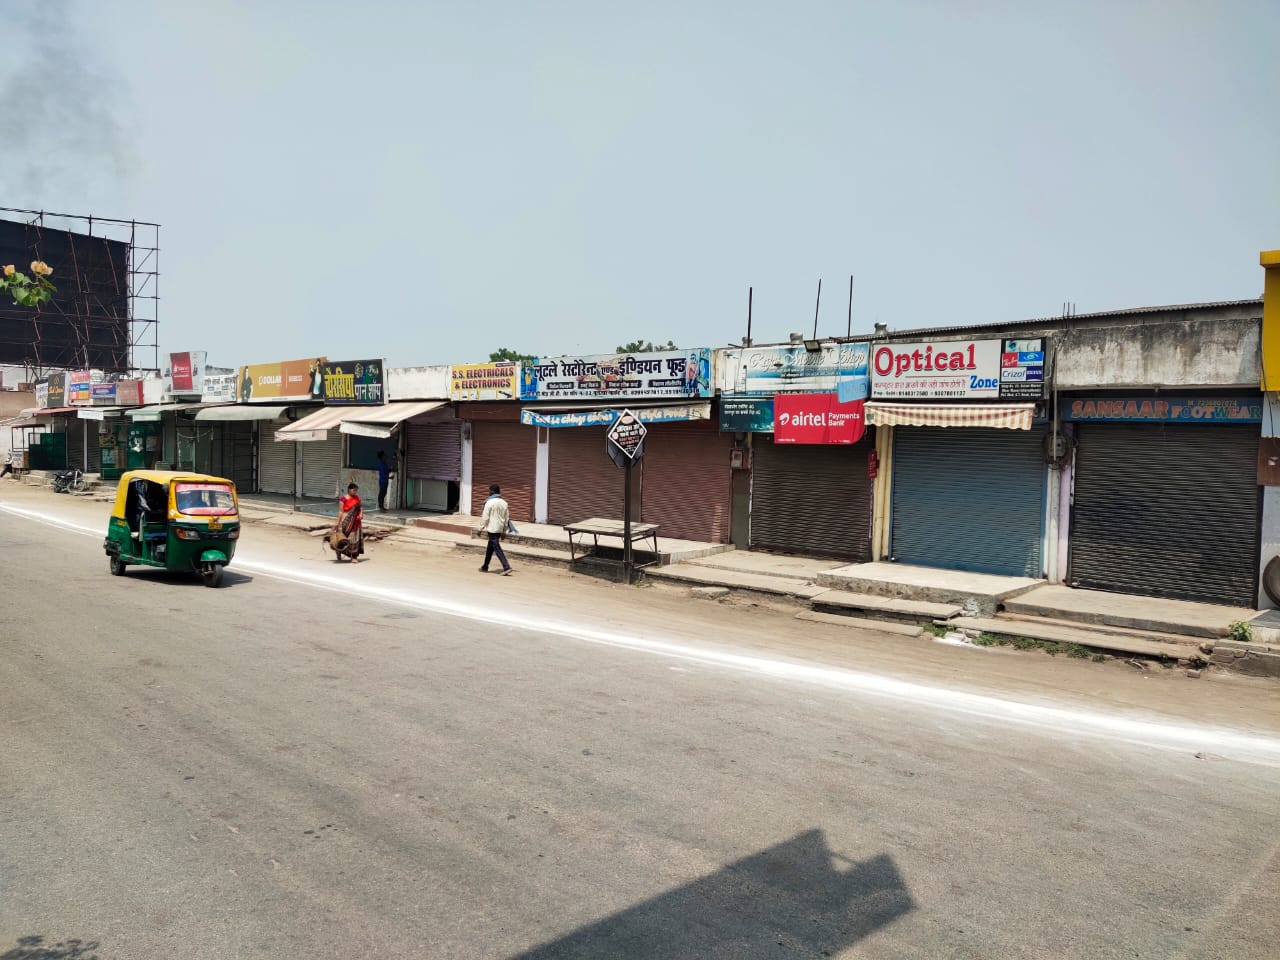 रक्षा मंत्री के जाने के बाद ही मिलेगी बाजार खोलने की अनुमति, इससे व्यापारी और पब्लिक में नाराजगी|कानपुर,Kanpur - Dainik Bhaskar